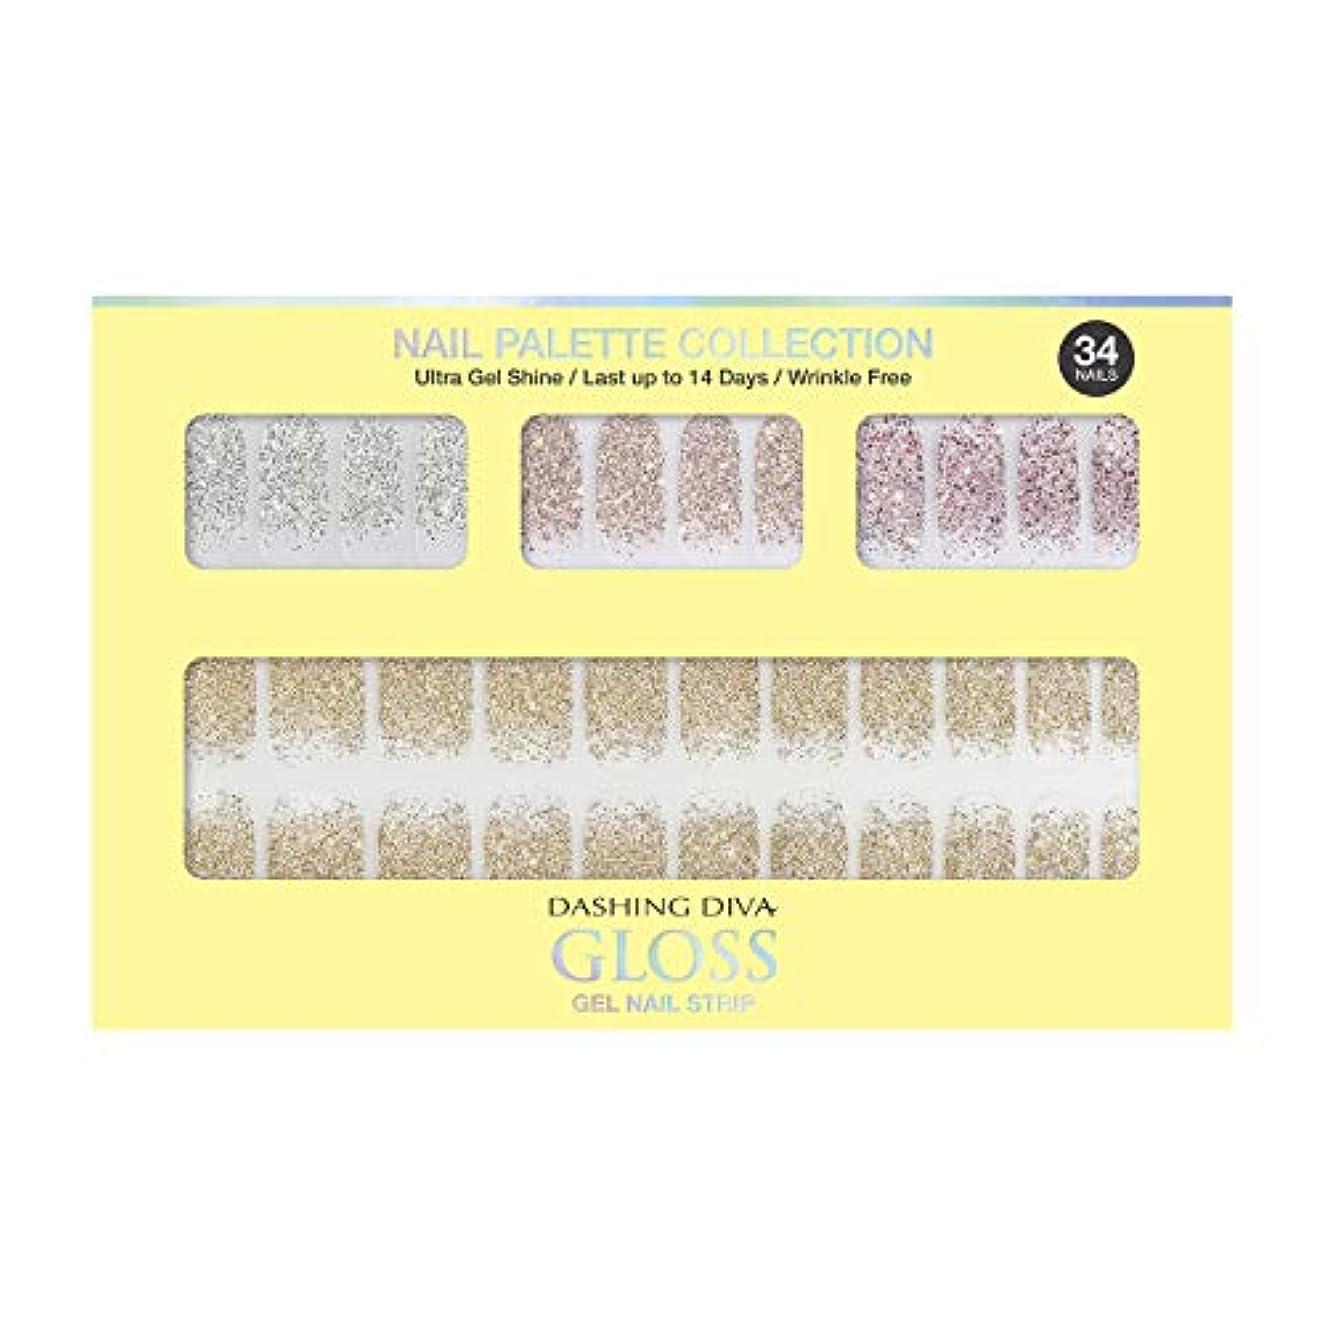 タイピストベーリング海峡ビームダッシングディバ グロスジェル ネイルストリップ DASHING DIVA Gloss Gel Nail Strip DGNP07-DURY+ オリジナルジェル ネイルシール Lemon #07 Sparkling Powder